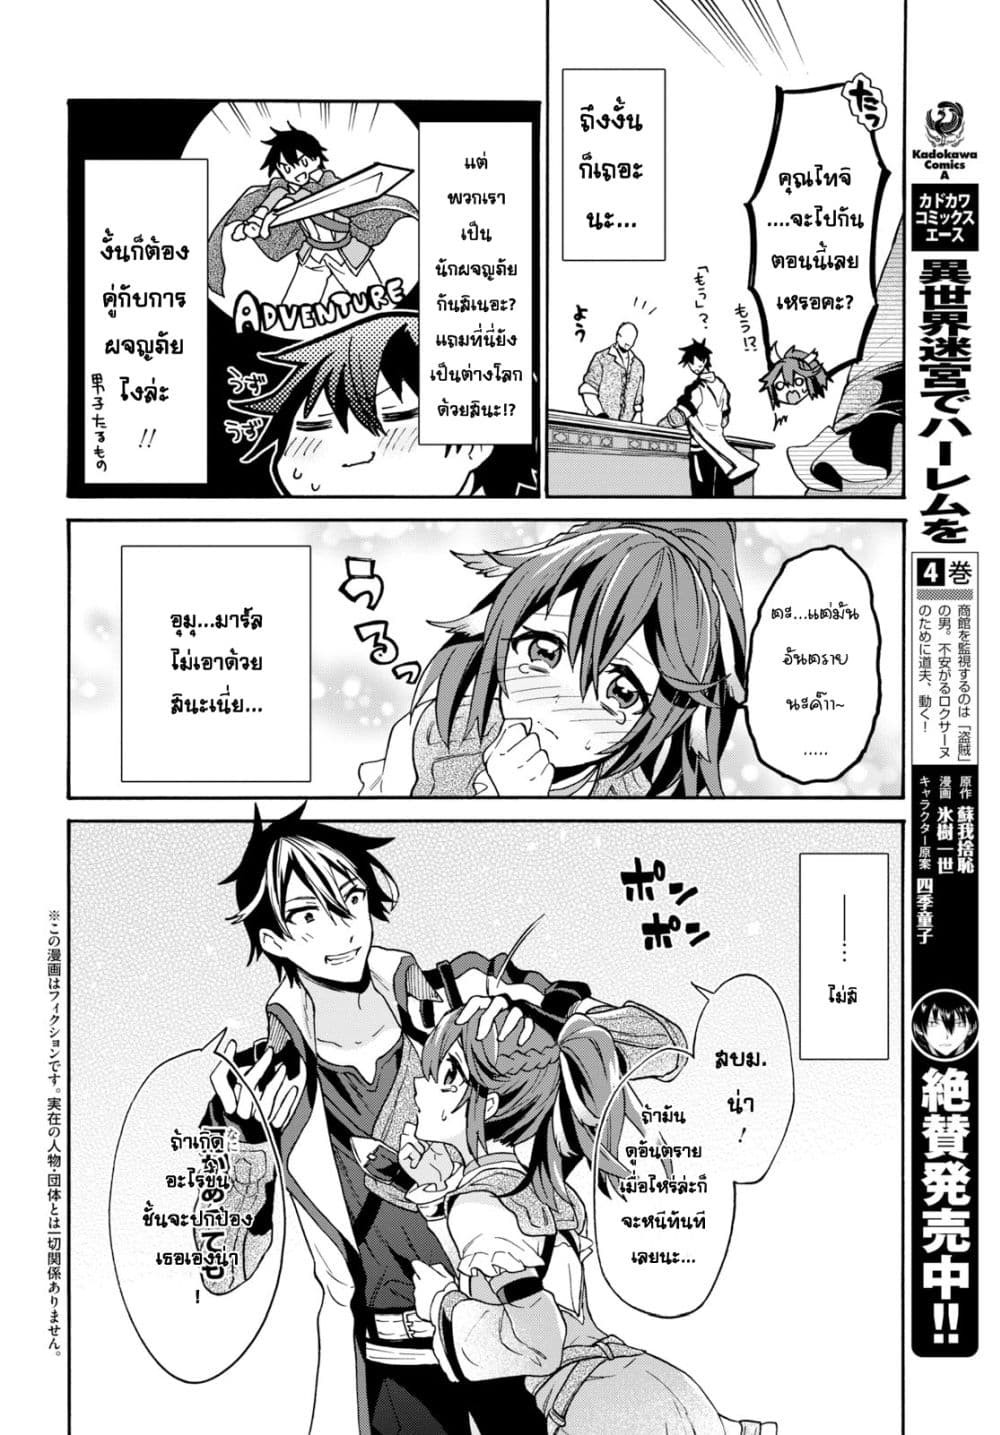 อ่านการ์ตูน 29-sai Dokushin Isekai de Jiyuu ni Ikita...katta ตอนที่ 3.1 หน้าที่ 2